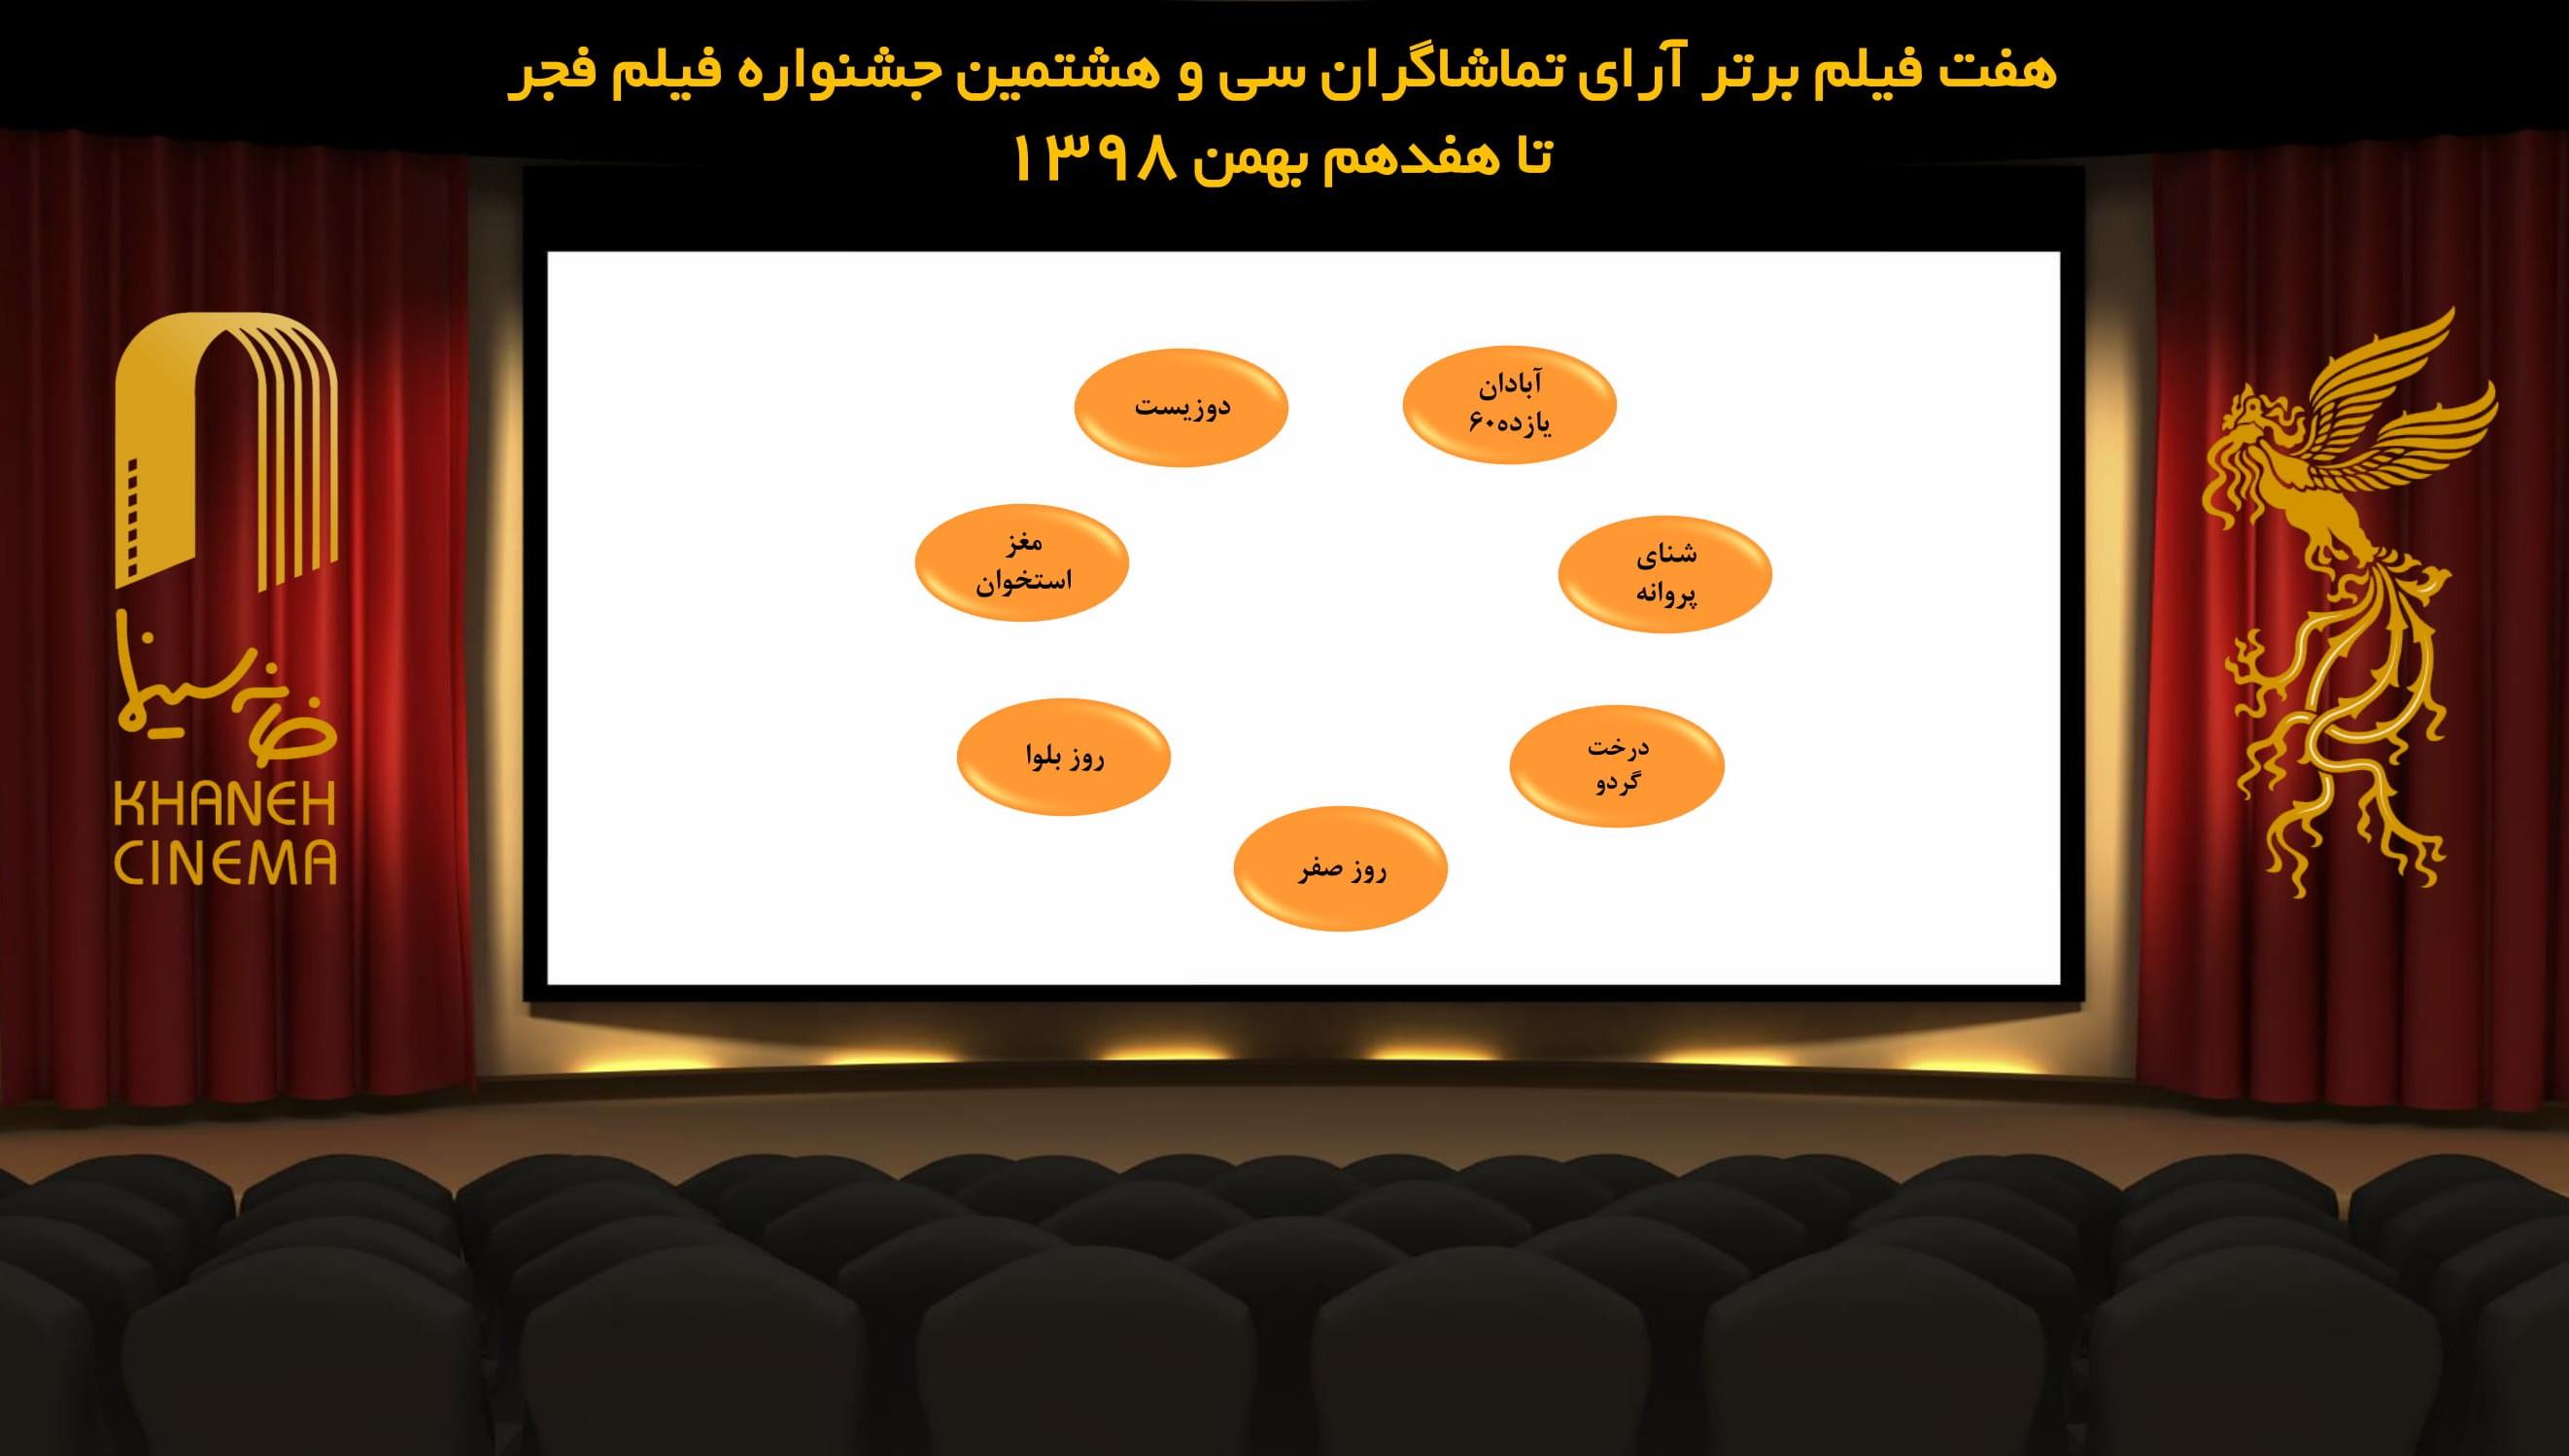 تویجه قانون شکنی در جشنواره فجر با دروغ! / از لباس شخصی و خروج تا آتابای